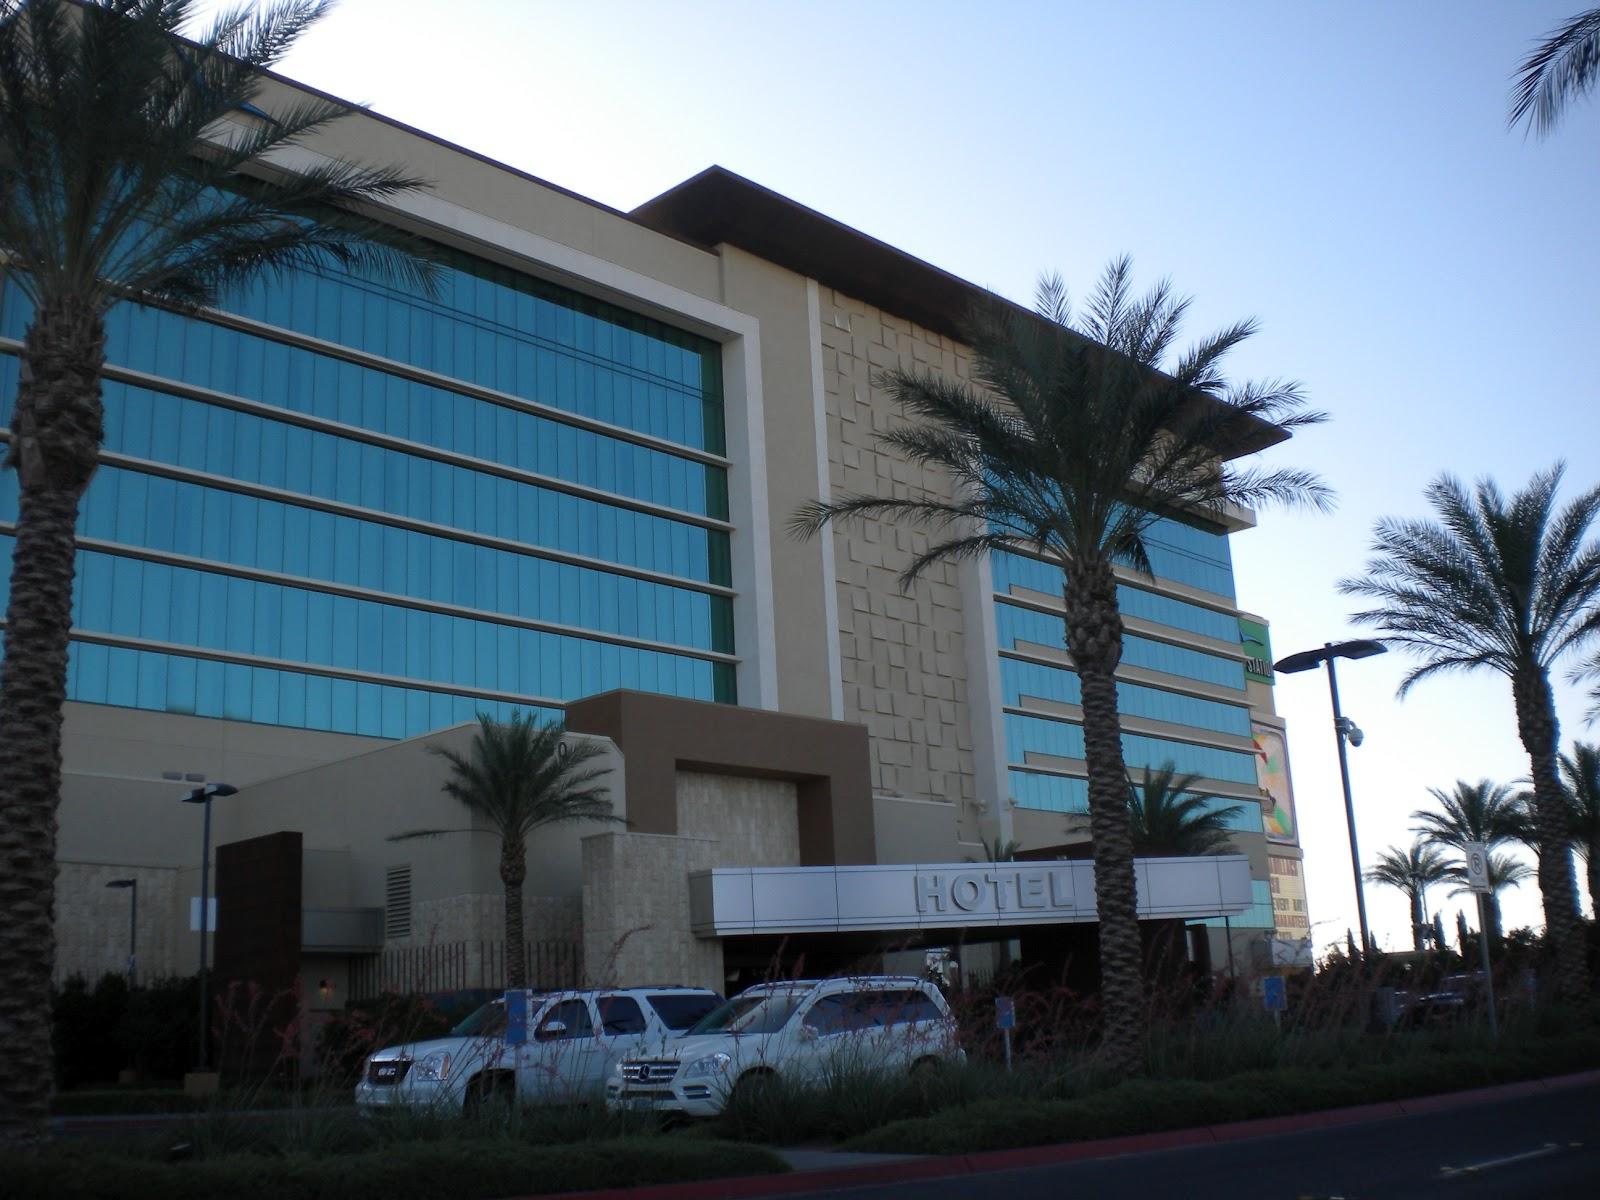 Alante hotel and casino viejas casino & outlet center